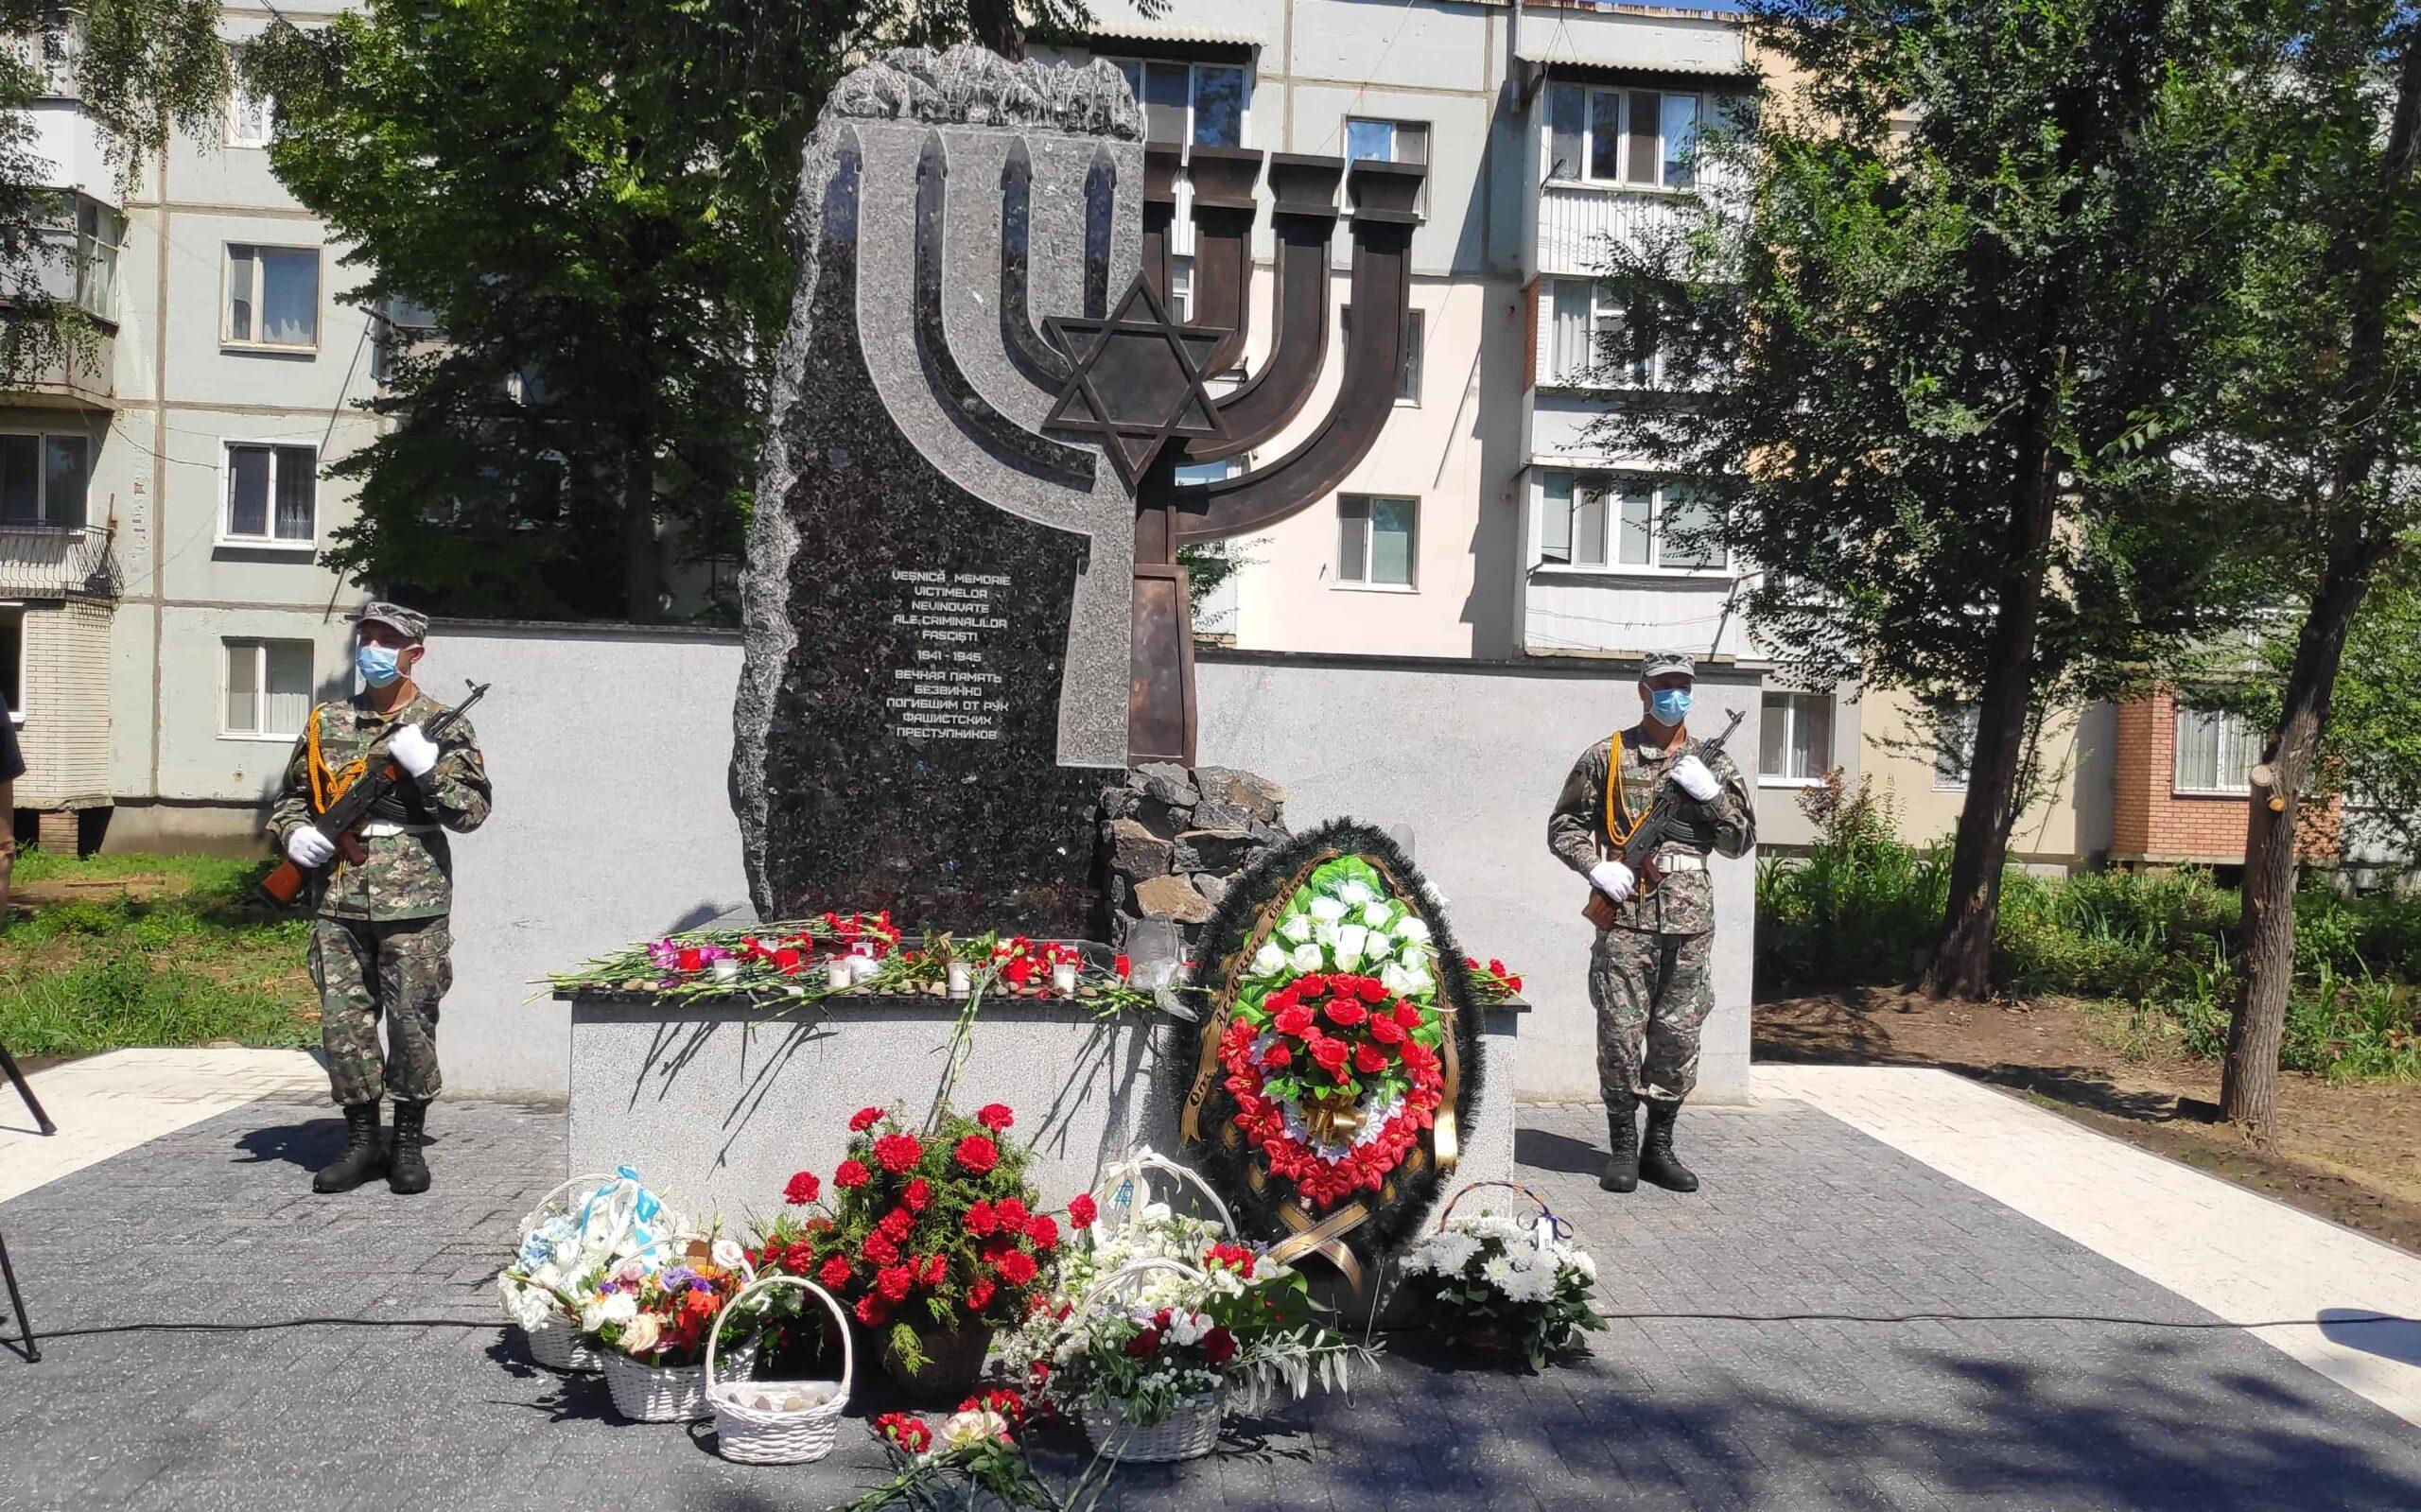 Установка и реставрация памятных знаков на местах массового уничтожения евреев